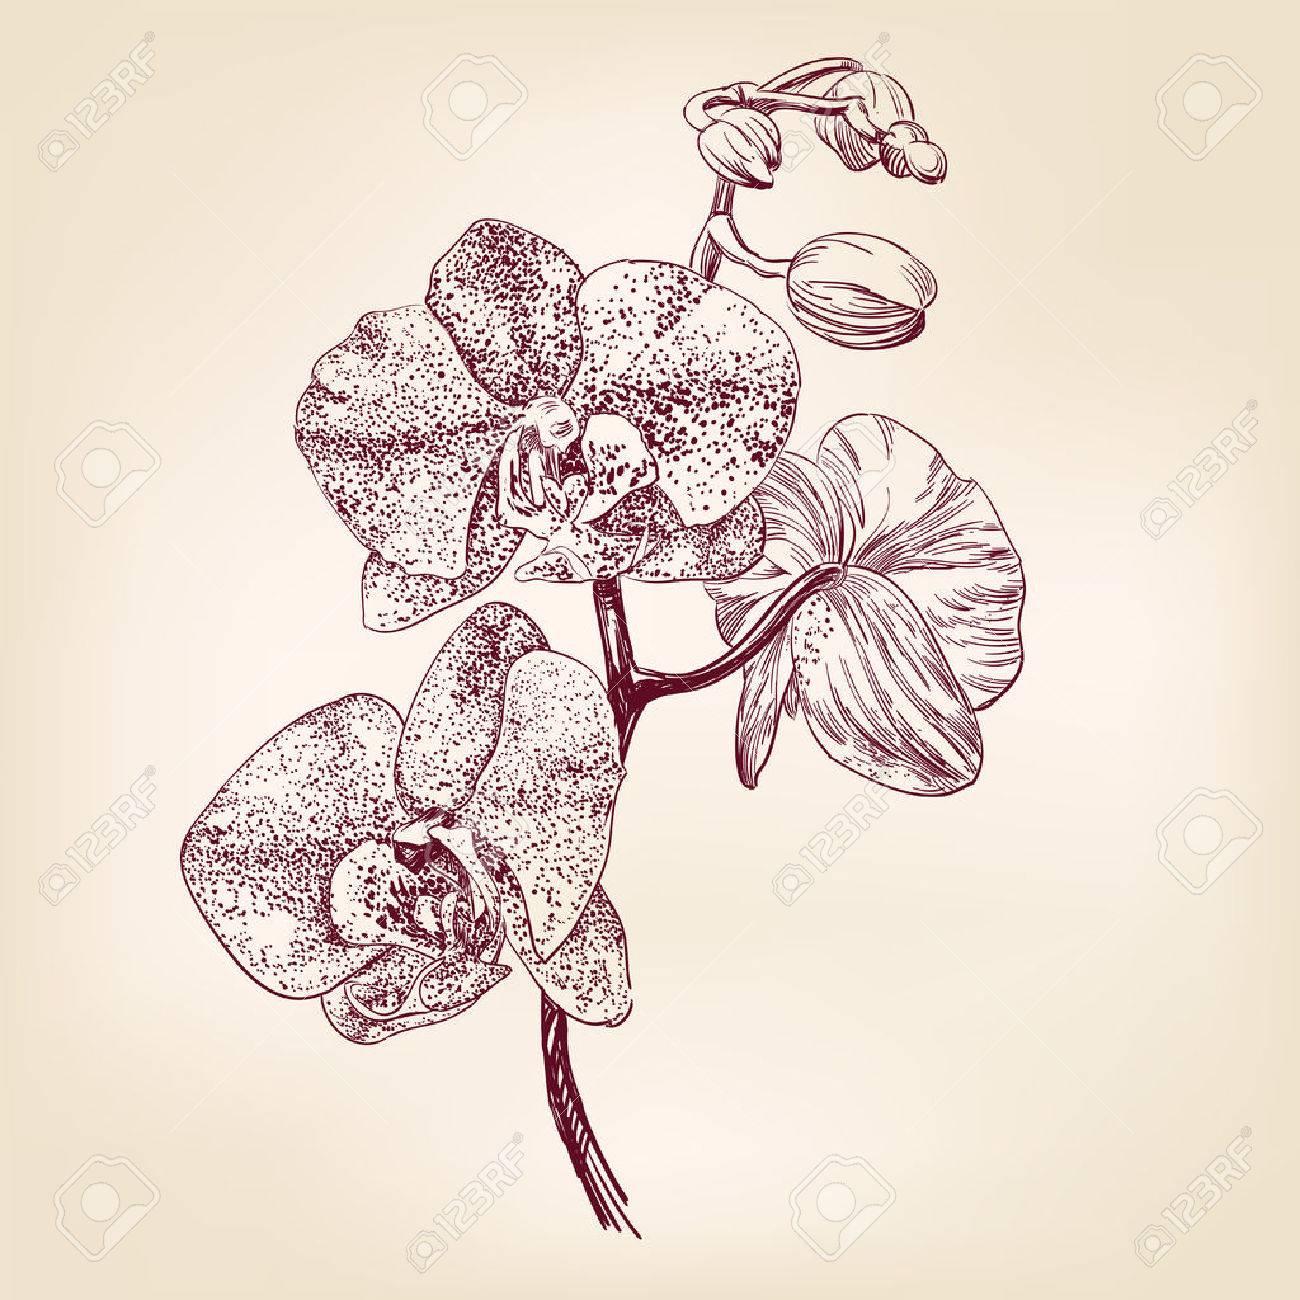 Ilustracion Dibujados A Mano Dibujo Realista De Flores De Orquideas